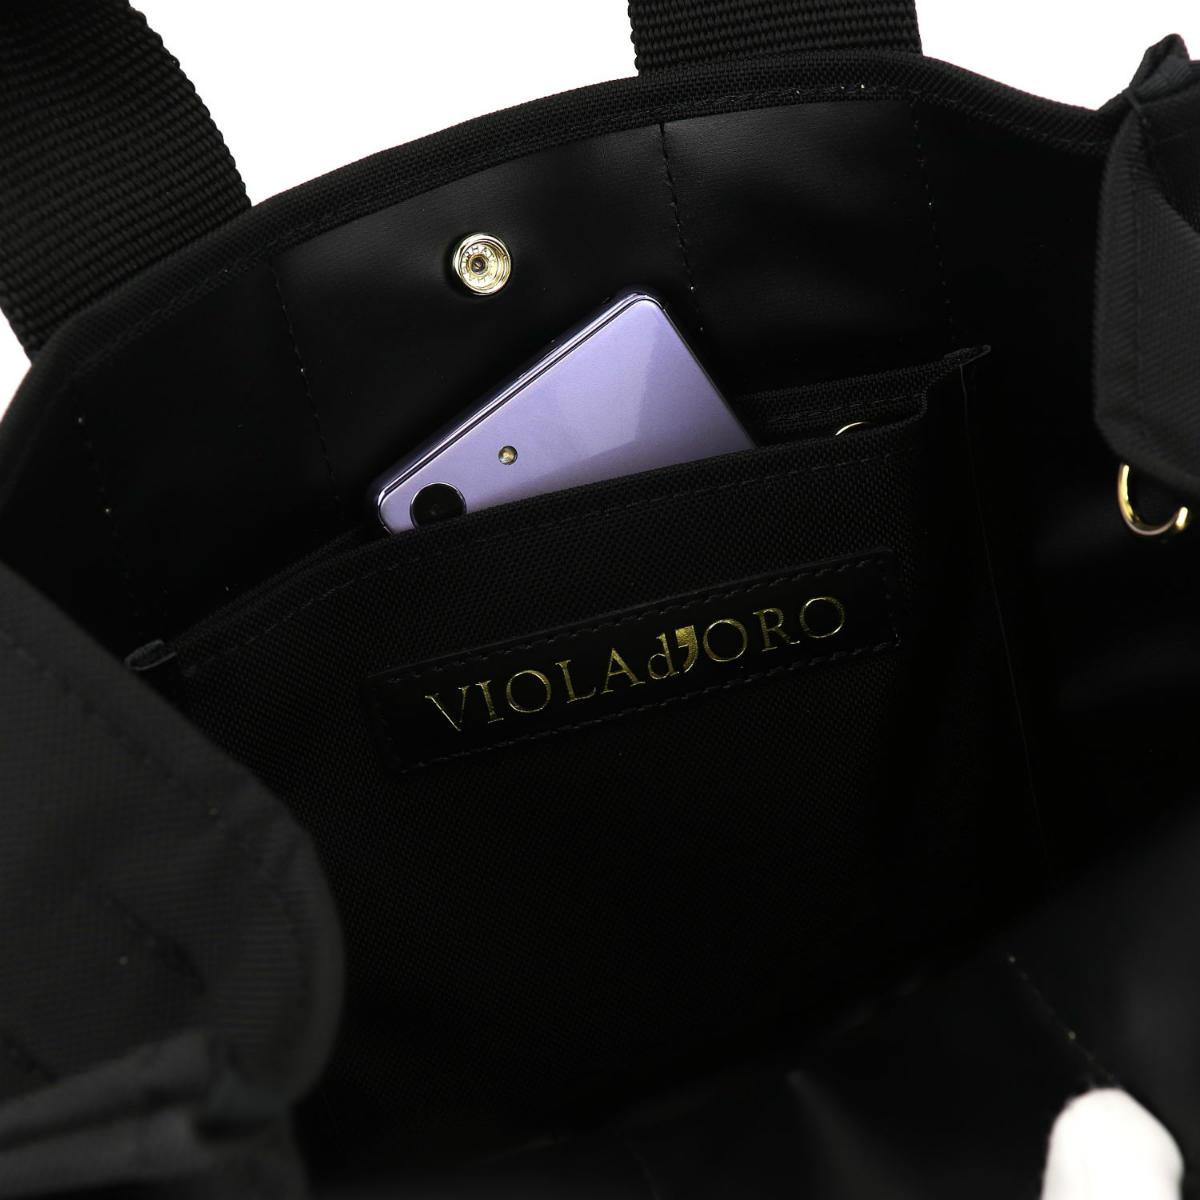 ヴィオラドーロ VIOLAd'ORO レディース ナイロン 2WAY ハンドバッグ V-2112 GINO ジーノ VLD BLACK×GOLD(ブラック×ゴールド) 春夏新作